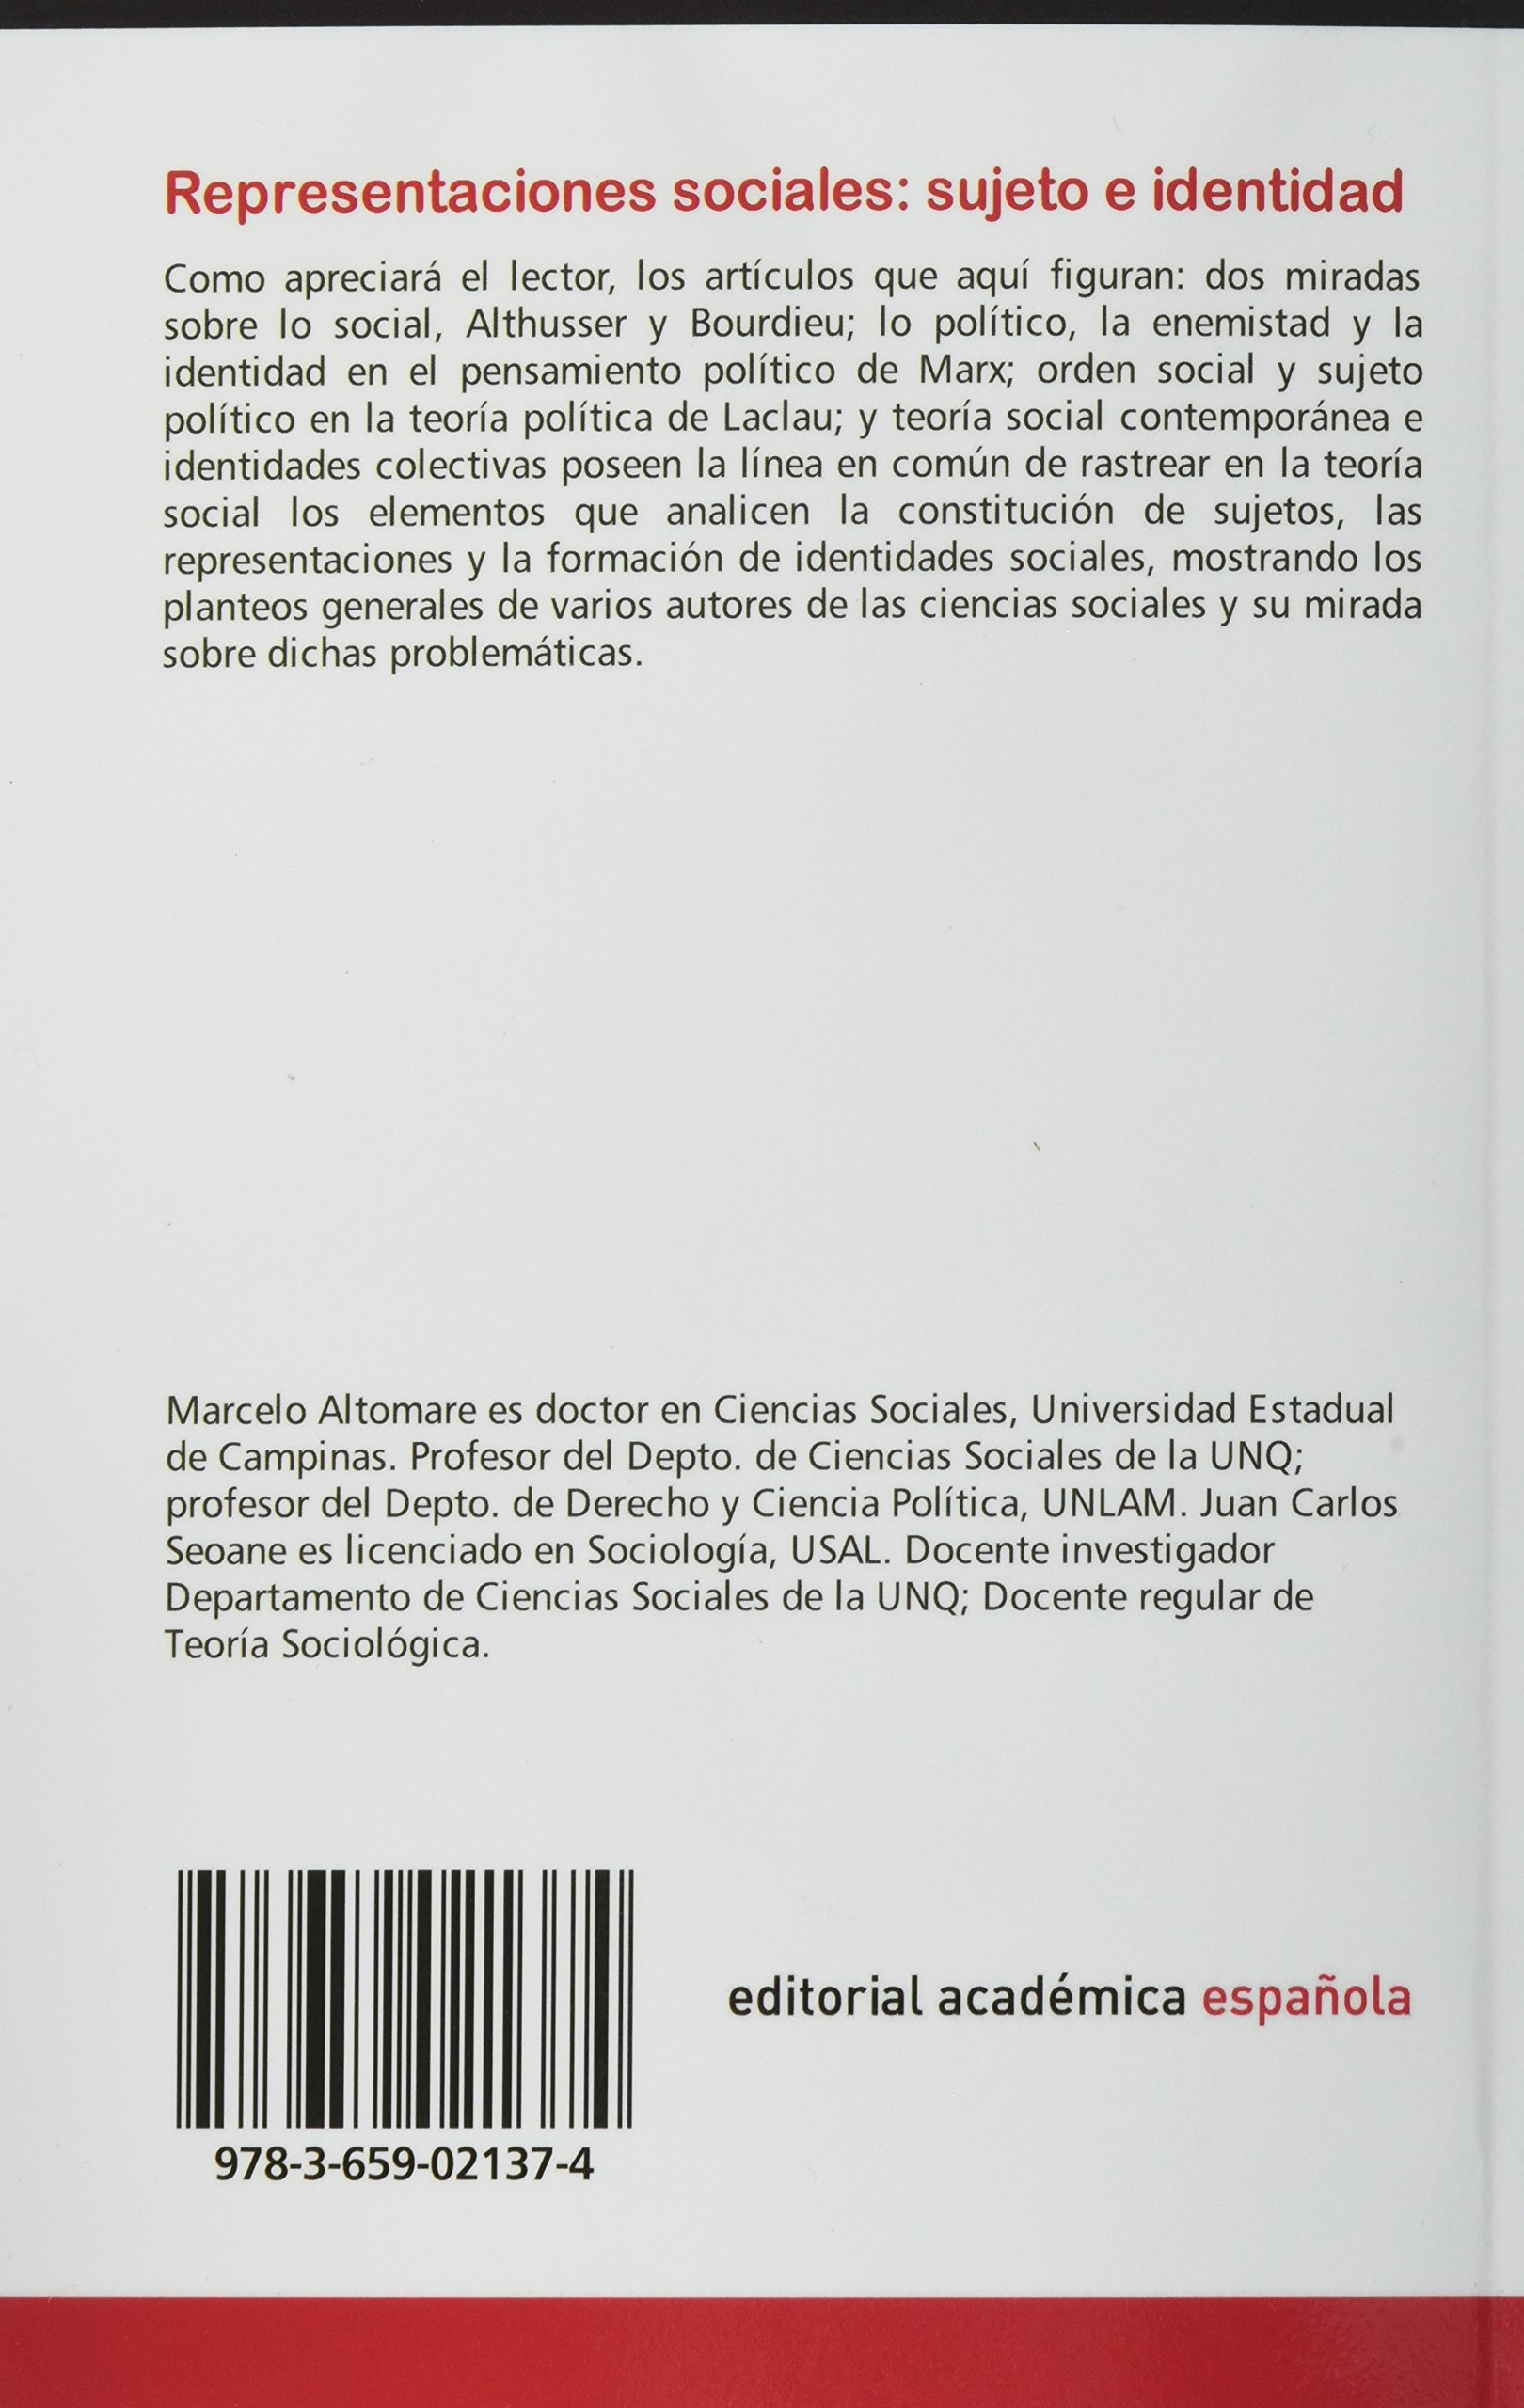 Representaciones sociales: sujeto e identidad (Spanish Edition): Seoane Juan Carlos, Altomare Marcelo: 9783659021374: Amazon.com: Books